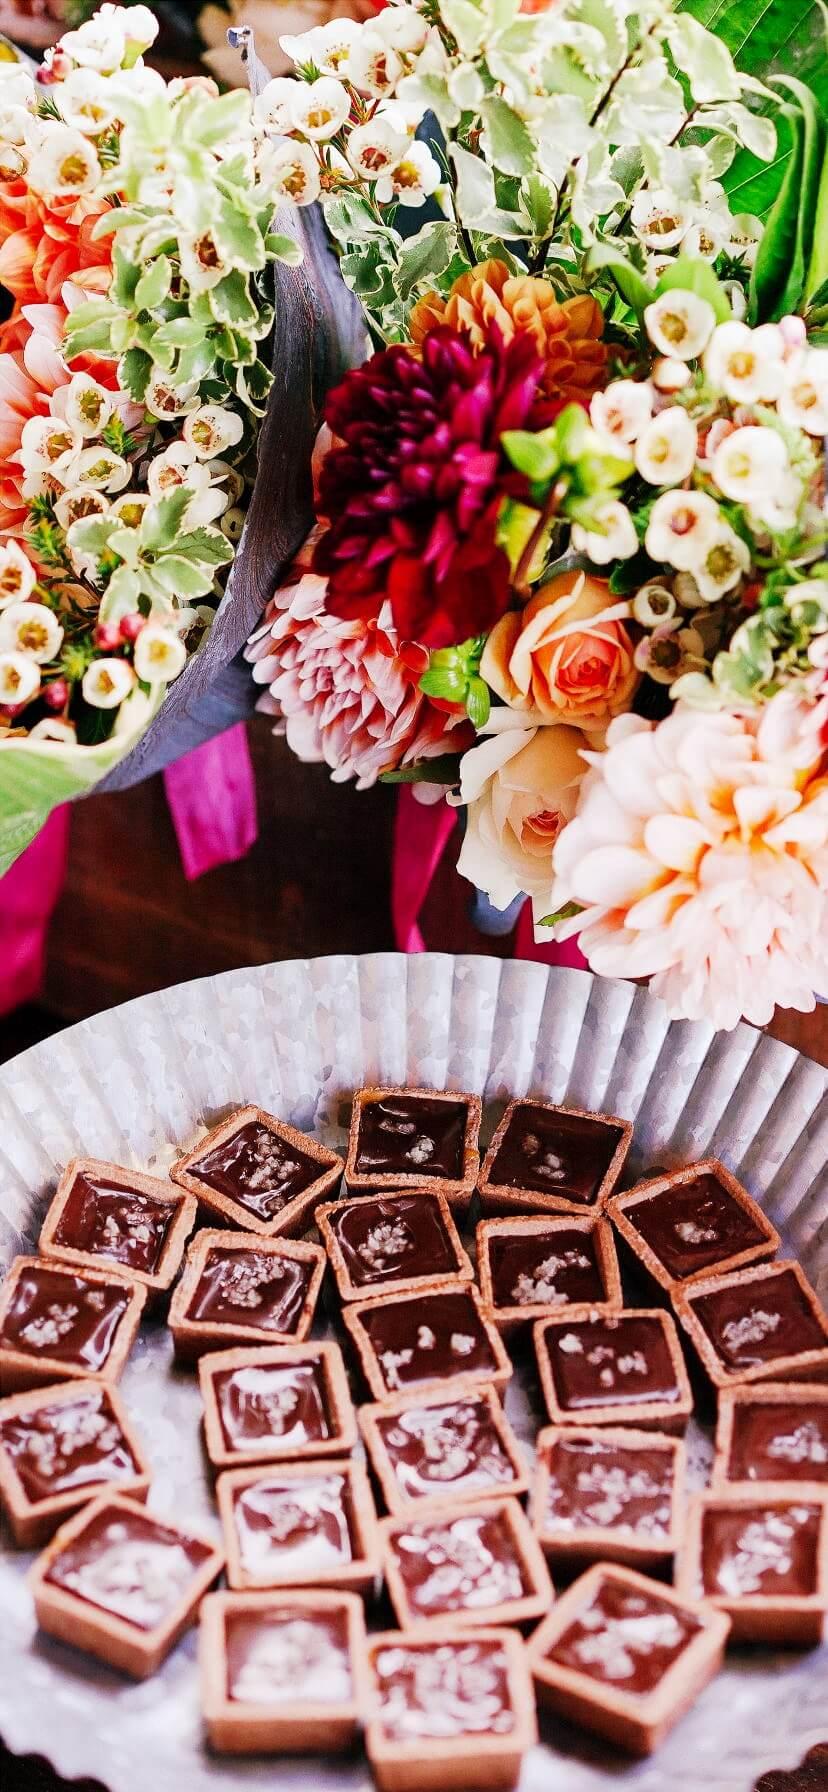 四角いチョコレート2